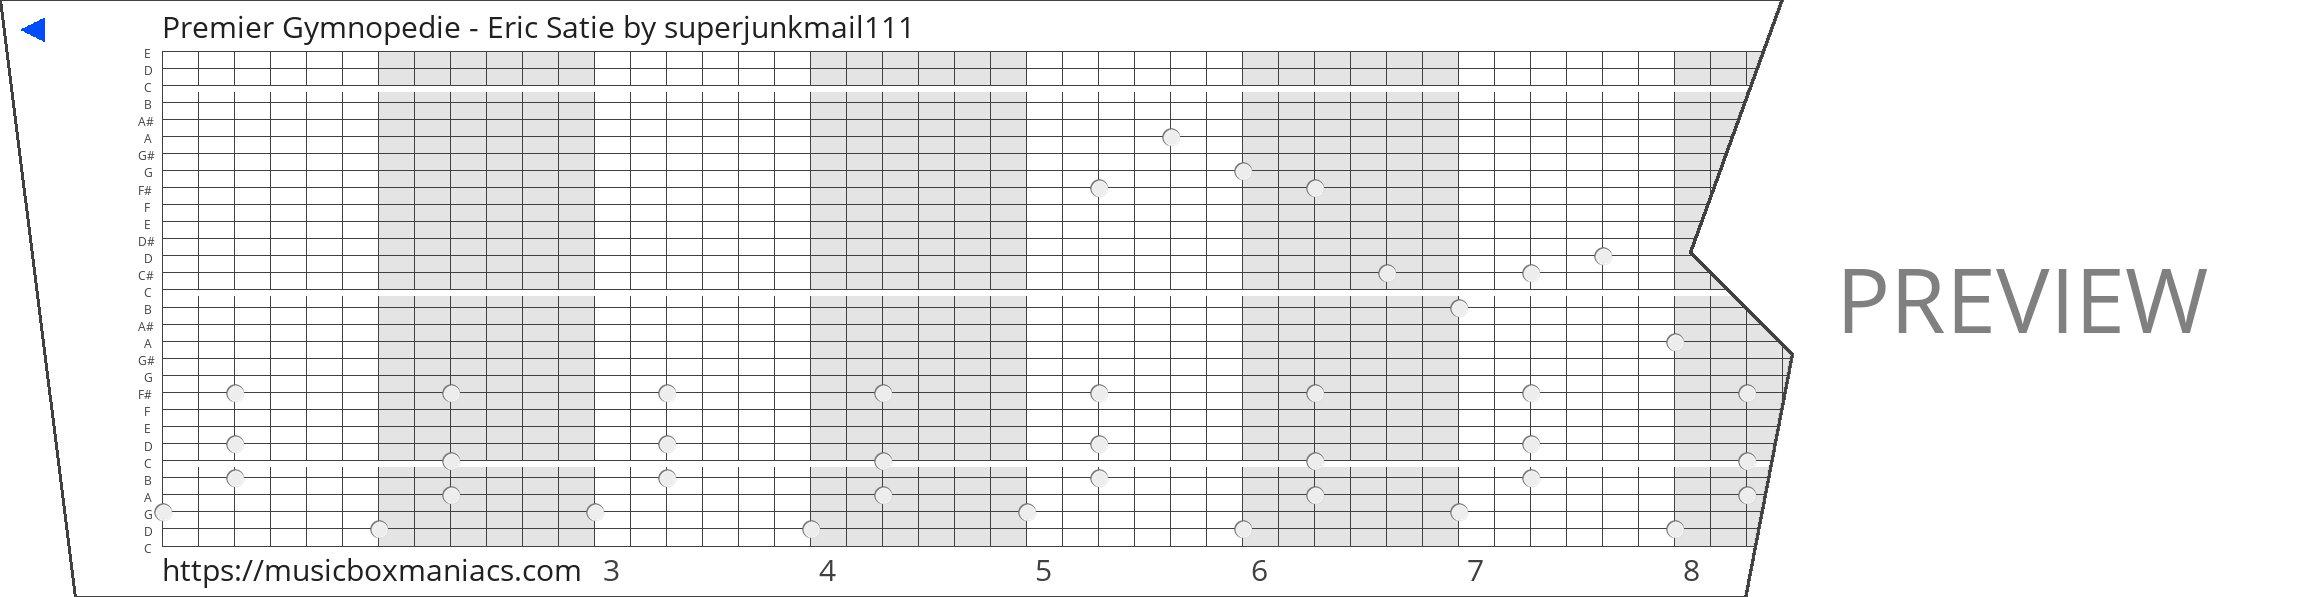 Premier Gymnopedie - Eric Satie 30 note music box paper strip